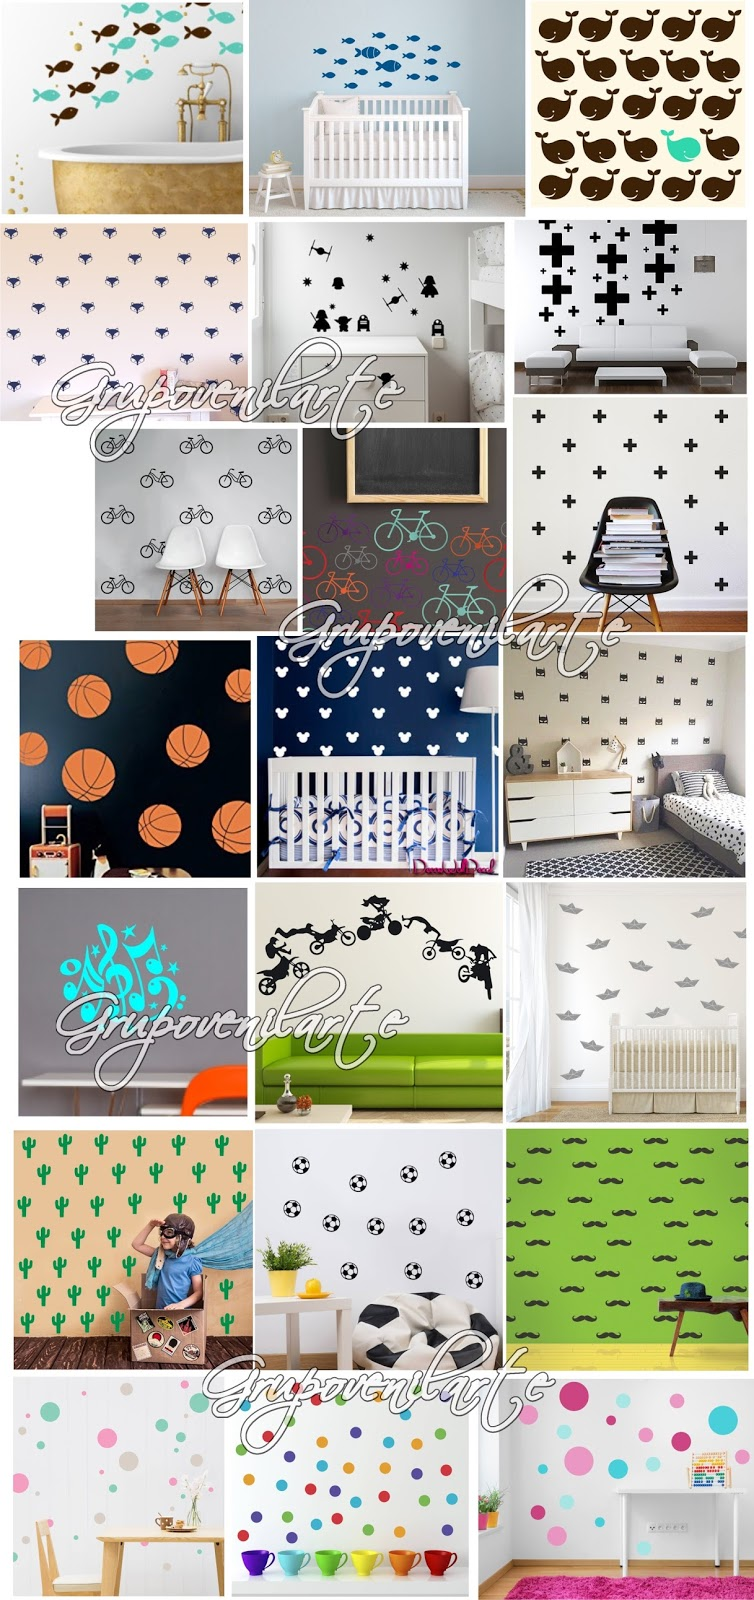 Vinilos decorativos para paredes hogar decoraci n beb s for Vinilos decorativos hogar